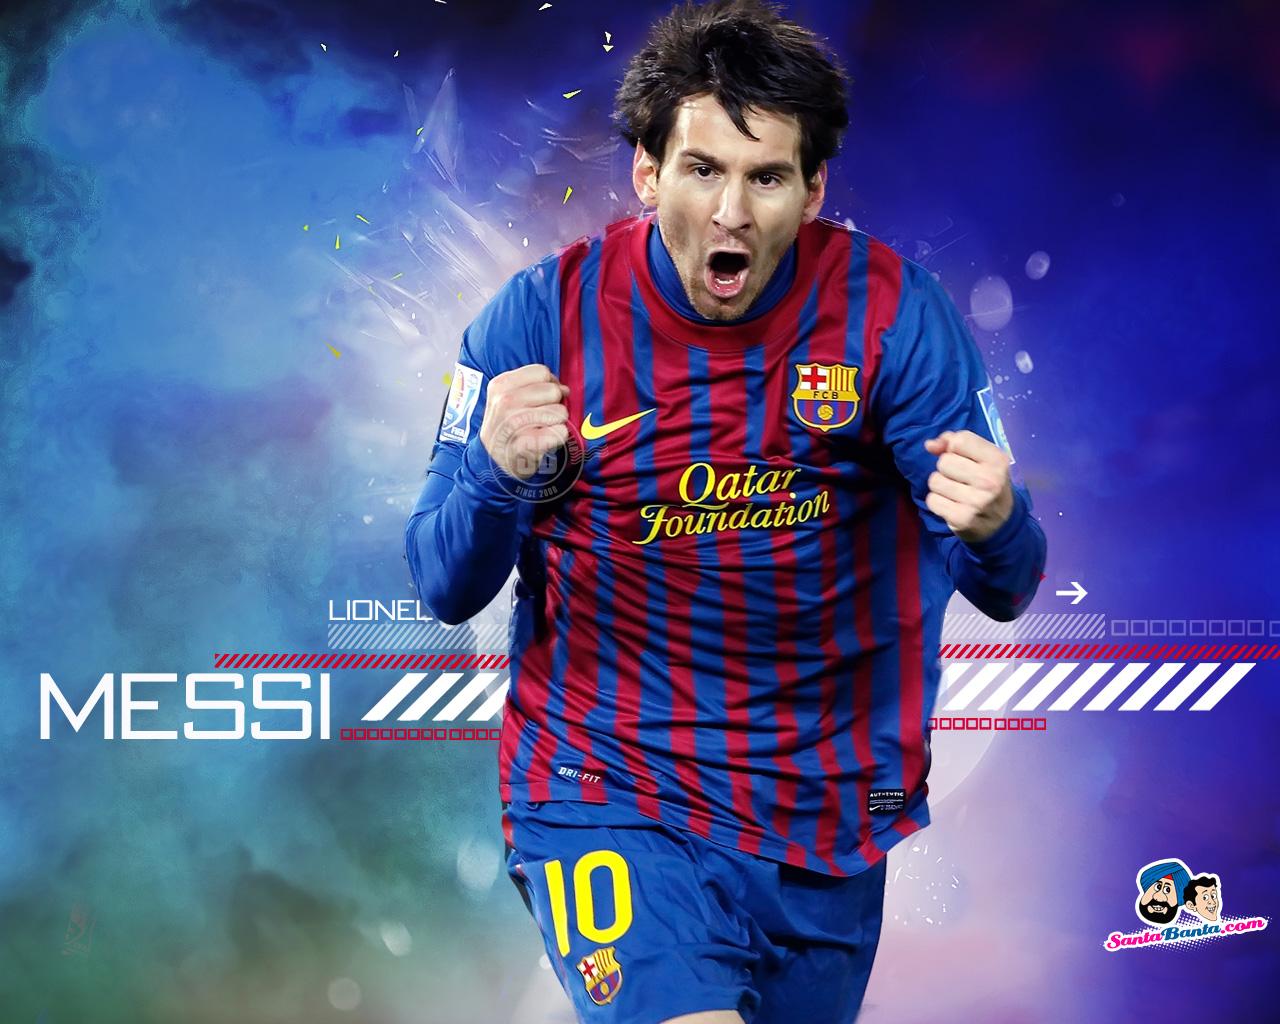 Description Lionel Messi Barcelona Wallpaper is a hi res Wallpaper 1280x1024